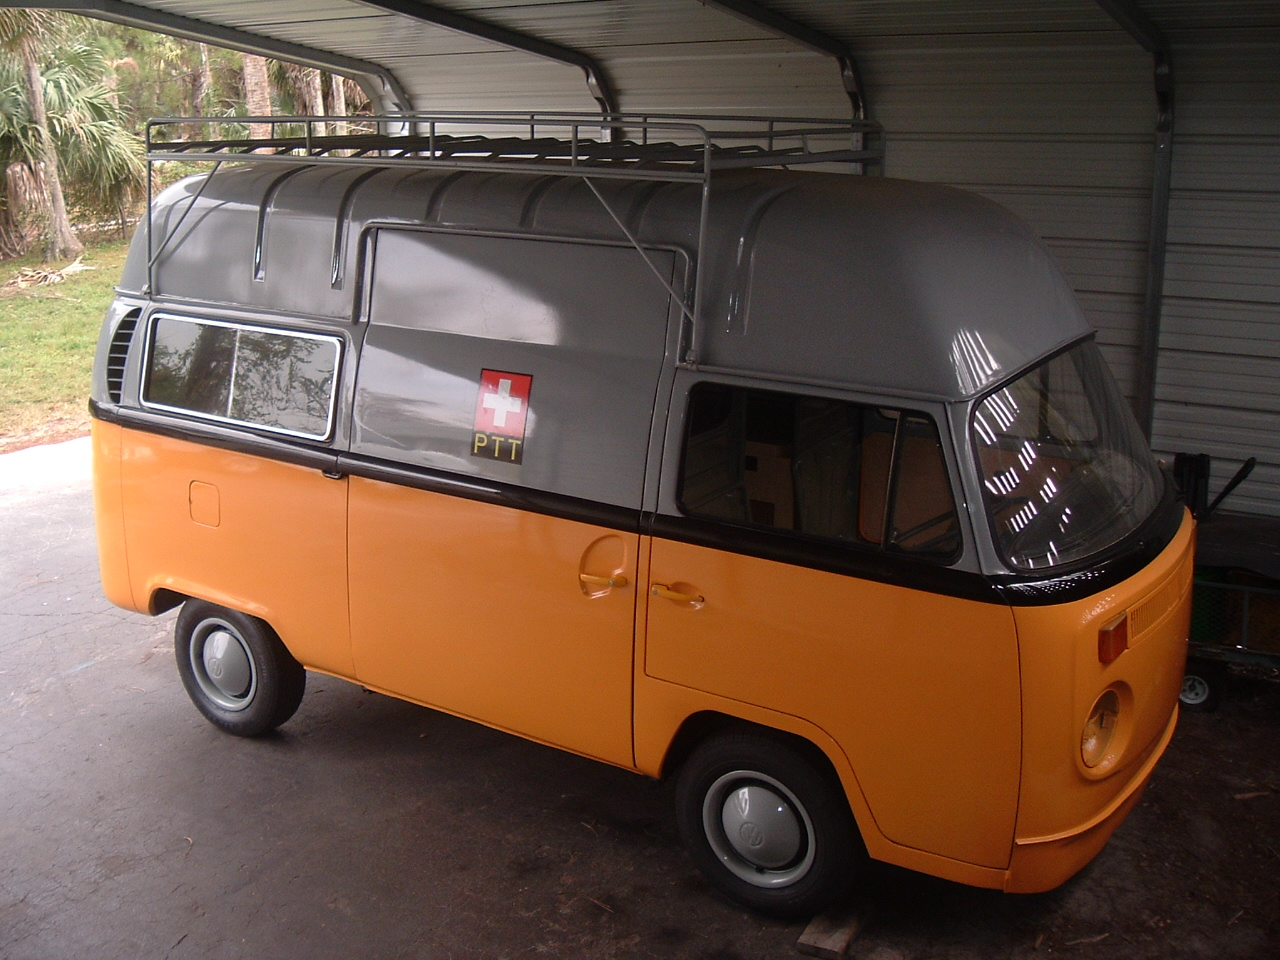 71 HighRoof RHD Swiss Postal Van